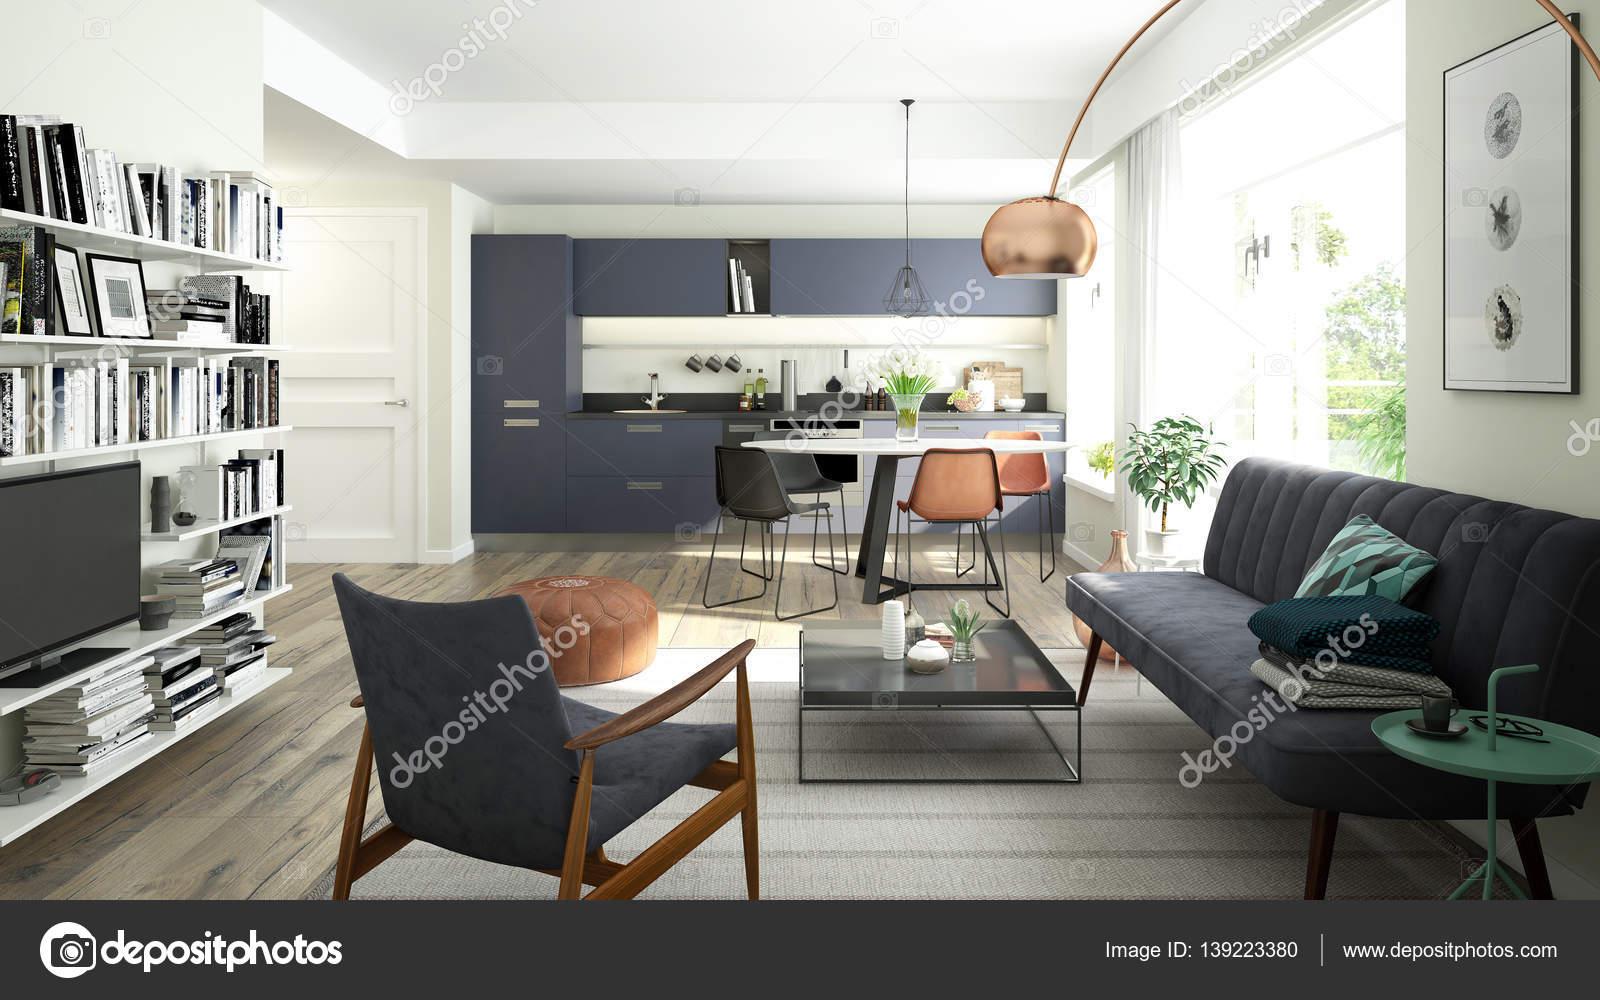 Moderne wohnzimmer mit offener küche  Modernes Wohnzimmer mit offener Küche — Stockfoto © imagewell #139223380